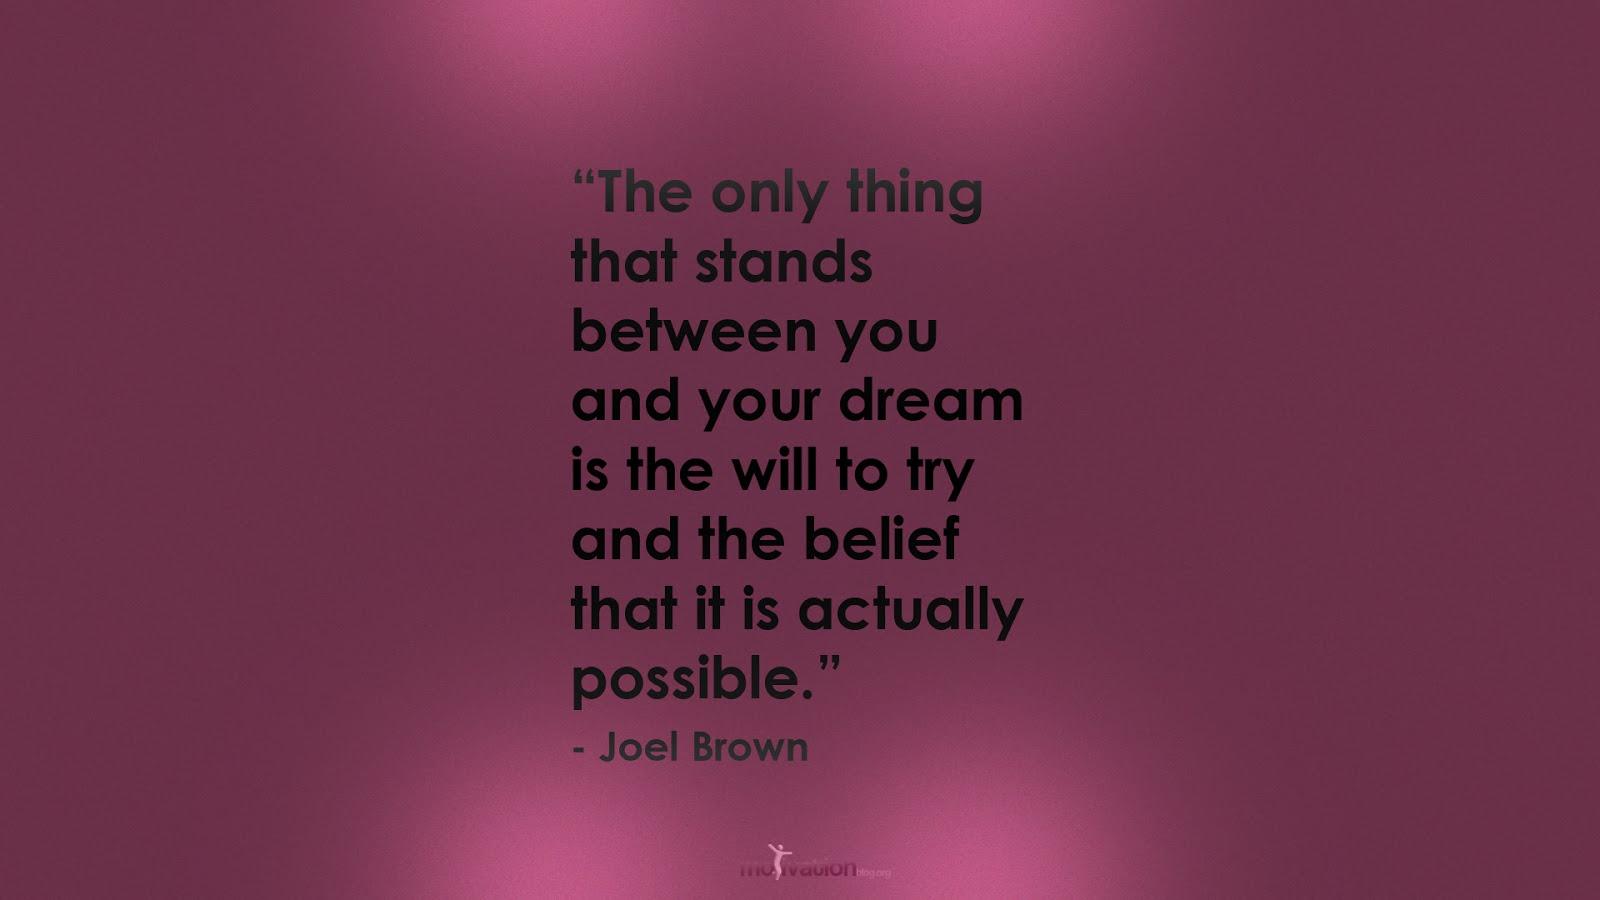 berdiri diantara kamu dan mimpimu adalah keinginan untuk mencoba dan